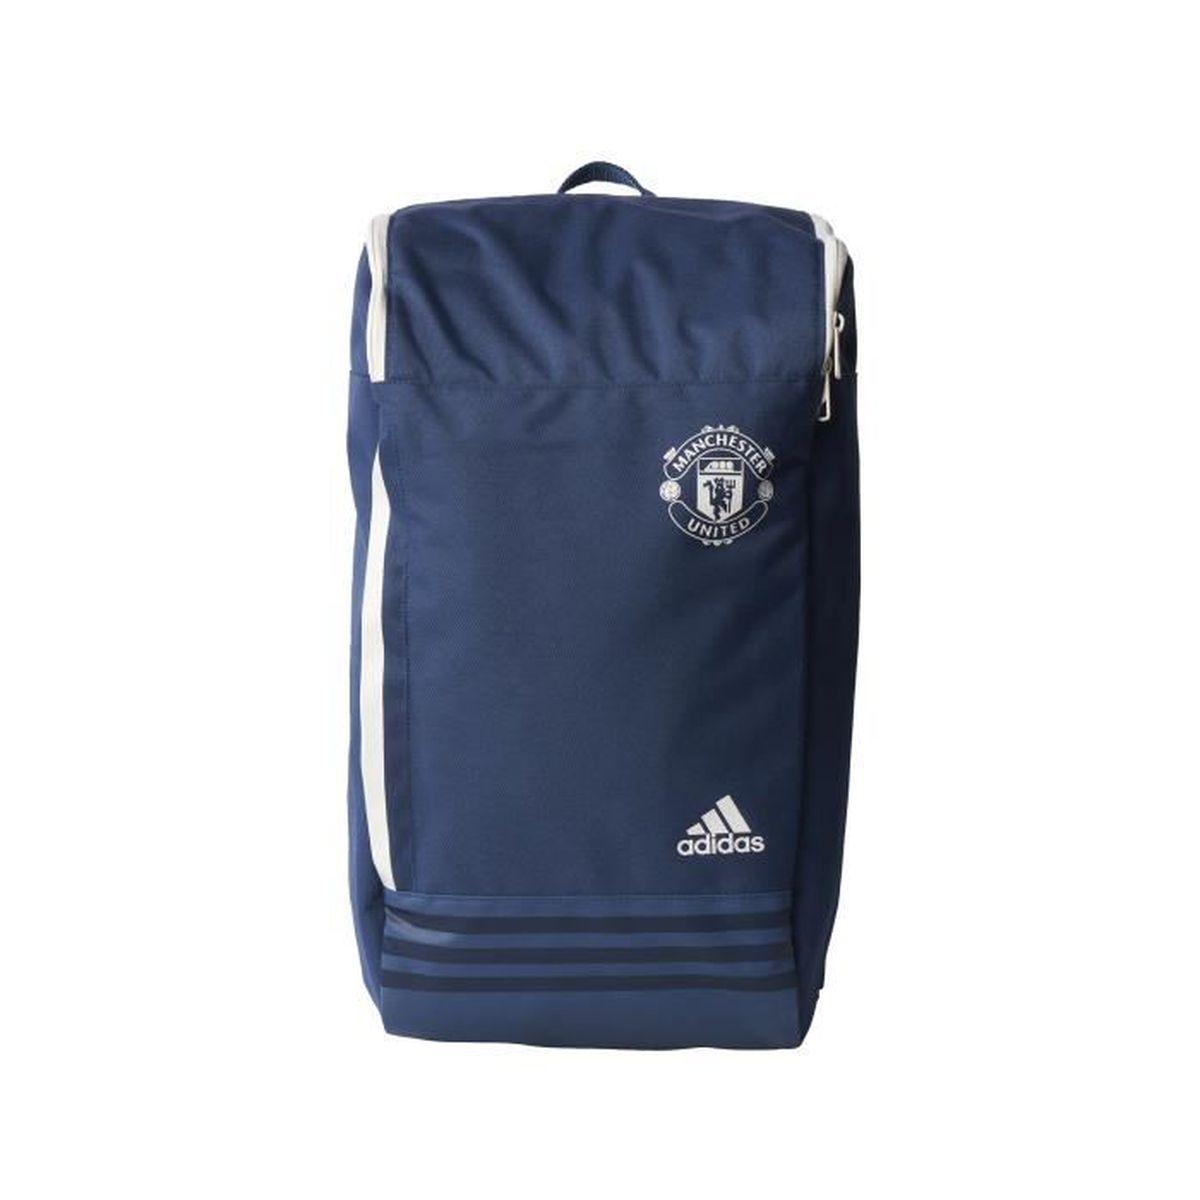 Bleu Adidas Achat Sac United À Vente Manchester Dos rdoBWCxe